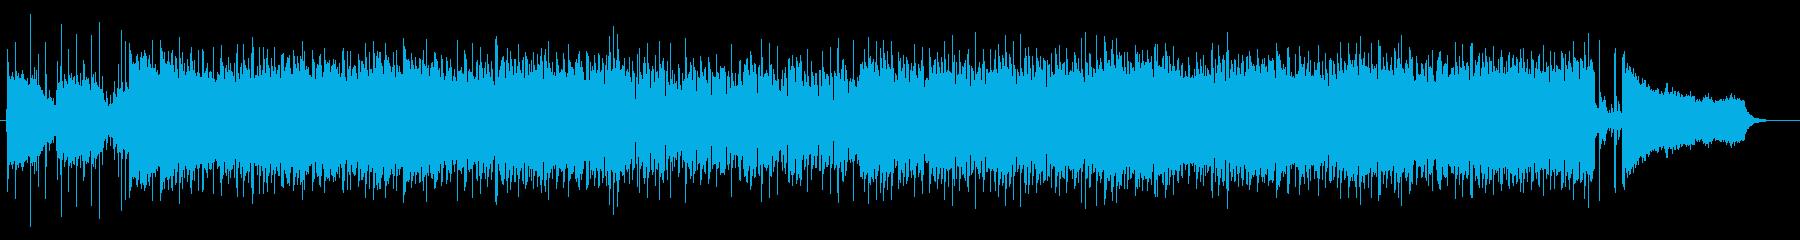 明るく透明感のある爽やかな曲の再生済みの波形